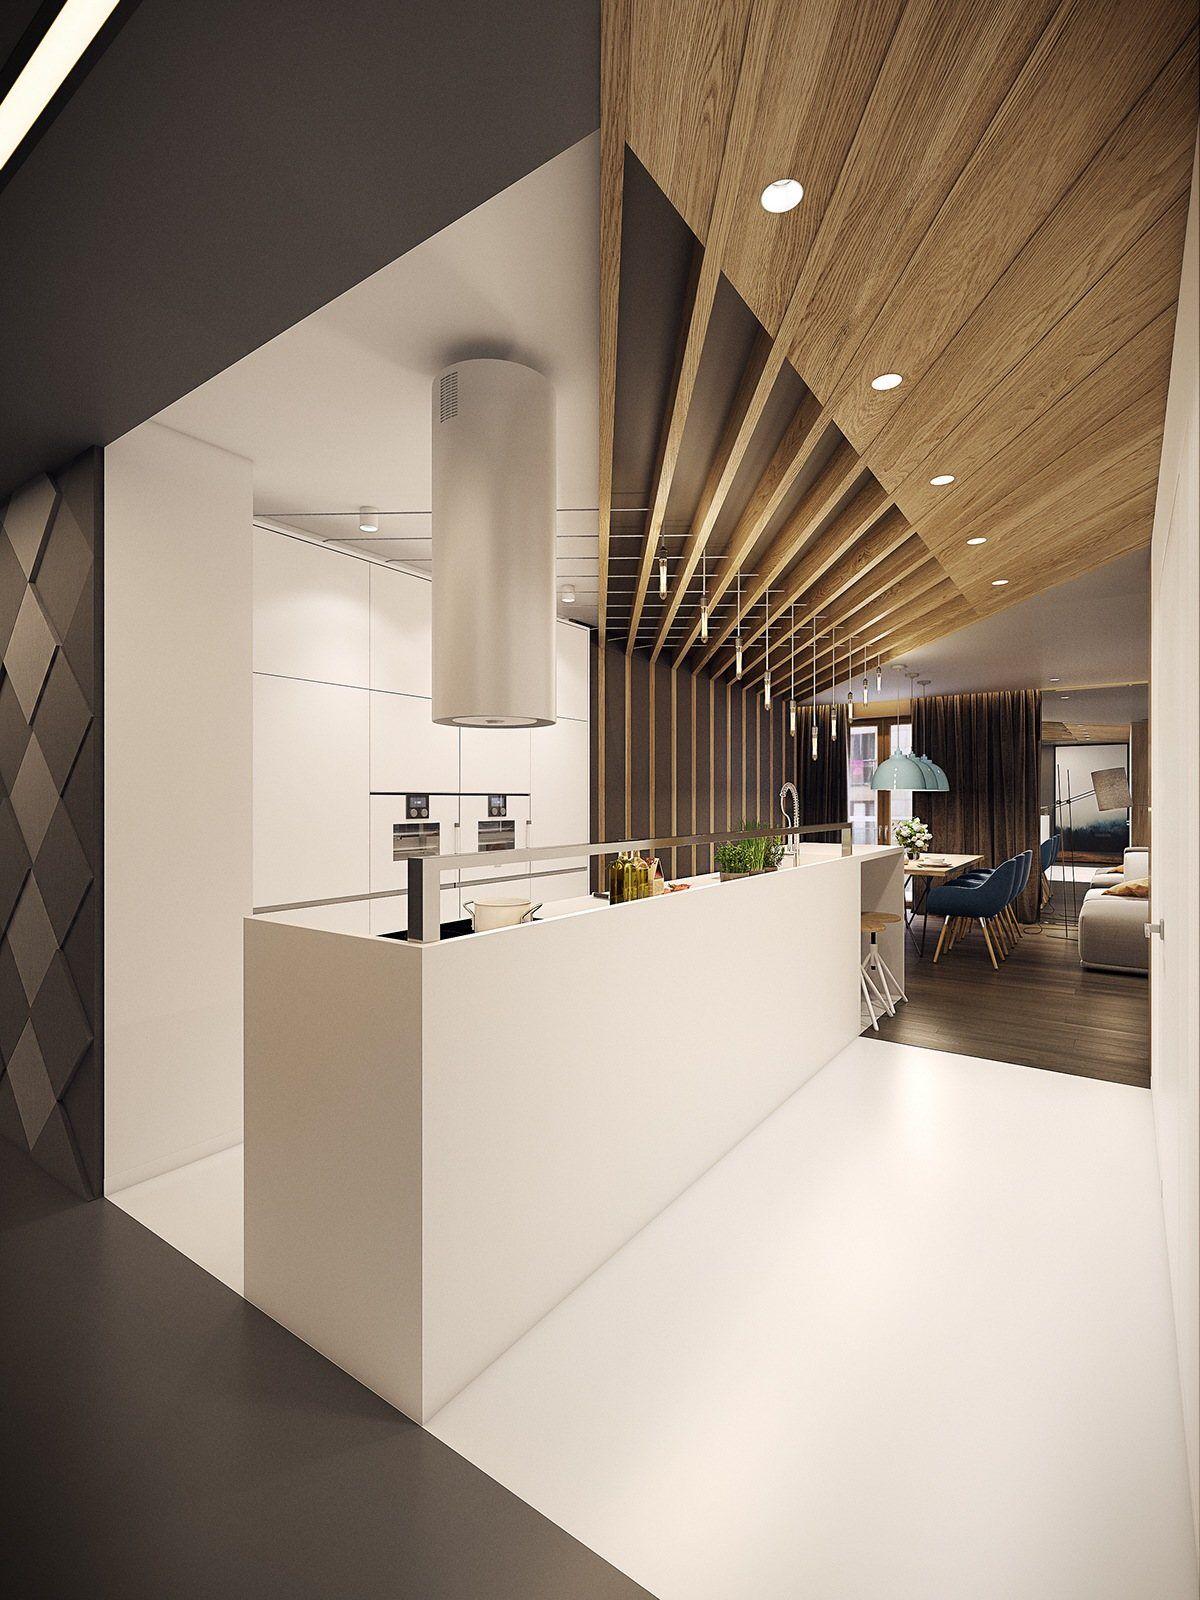 Dramatic Interior Architecture Meets Elegant Decor in Krakow ...